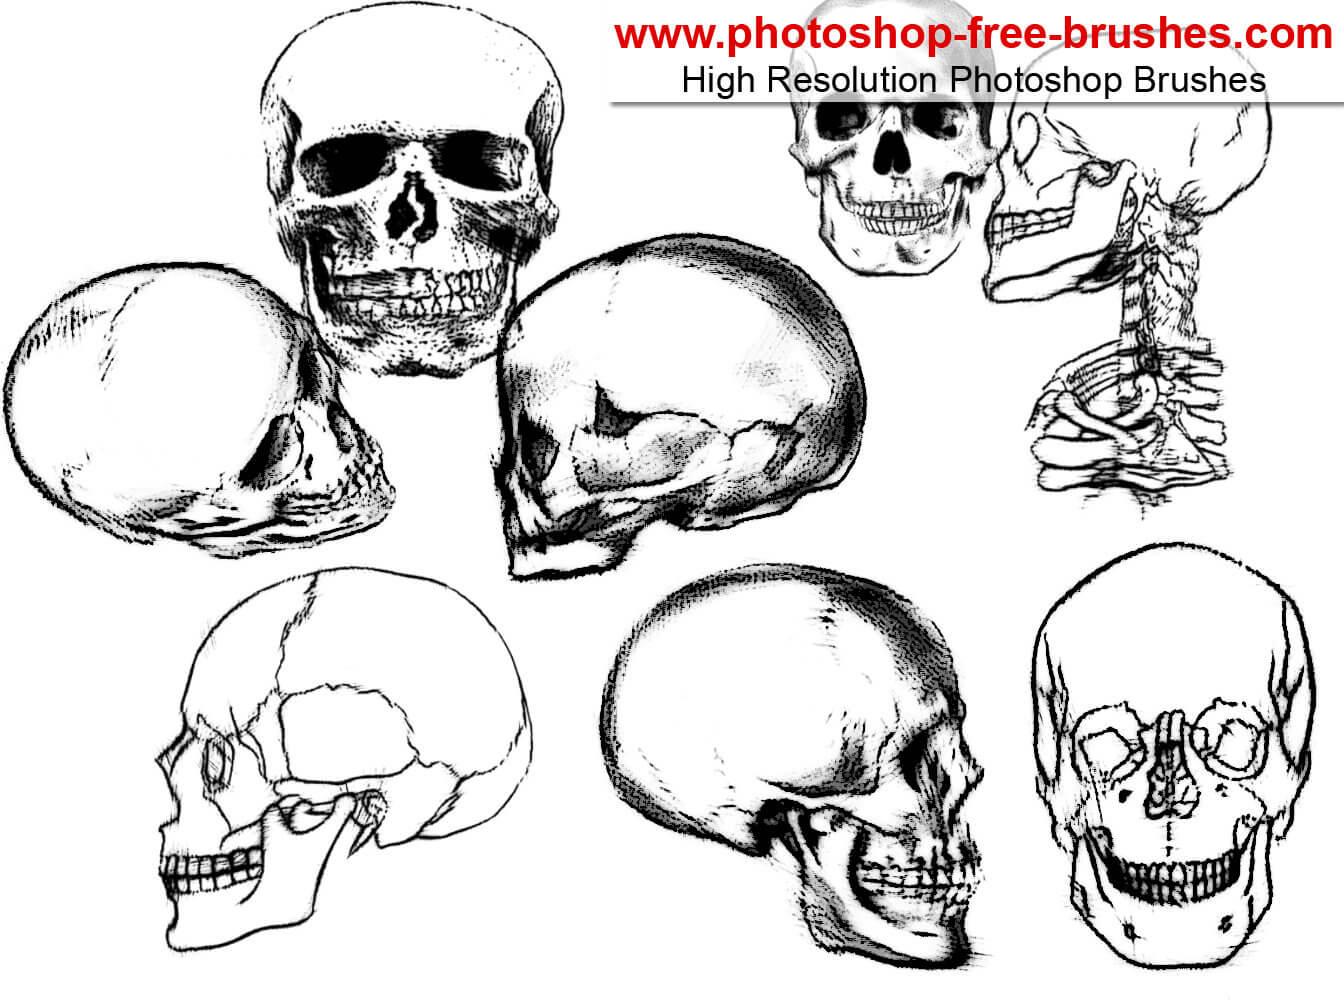 素描式恐怖的骷髅头图案Photoshop笔刷下载